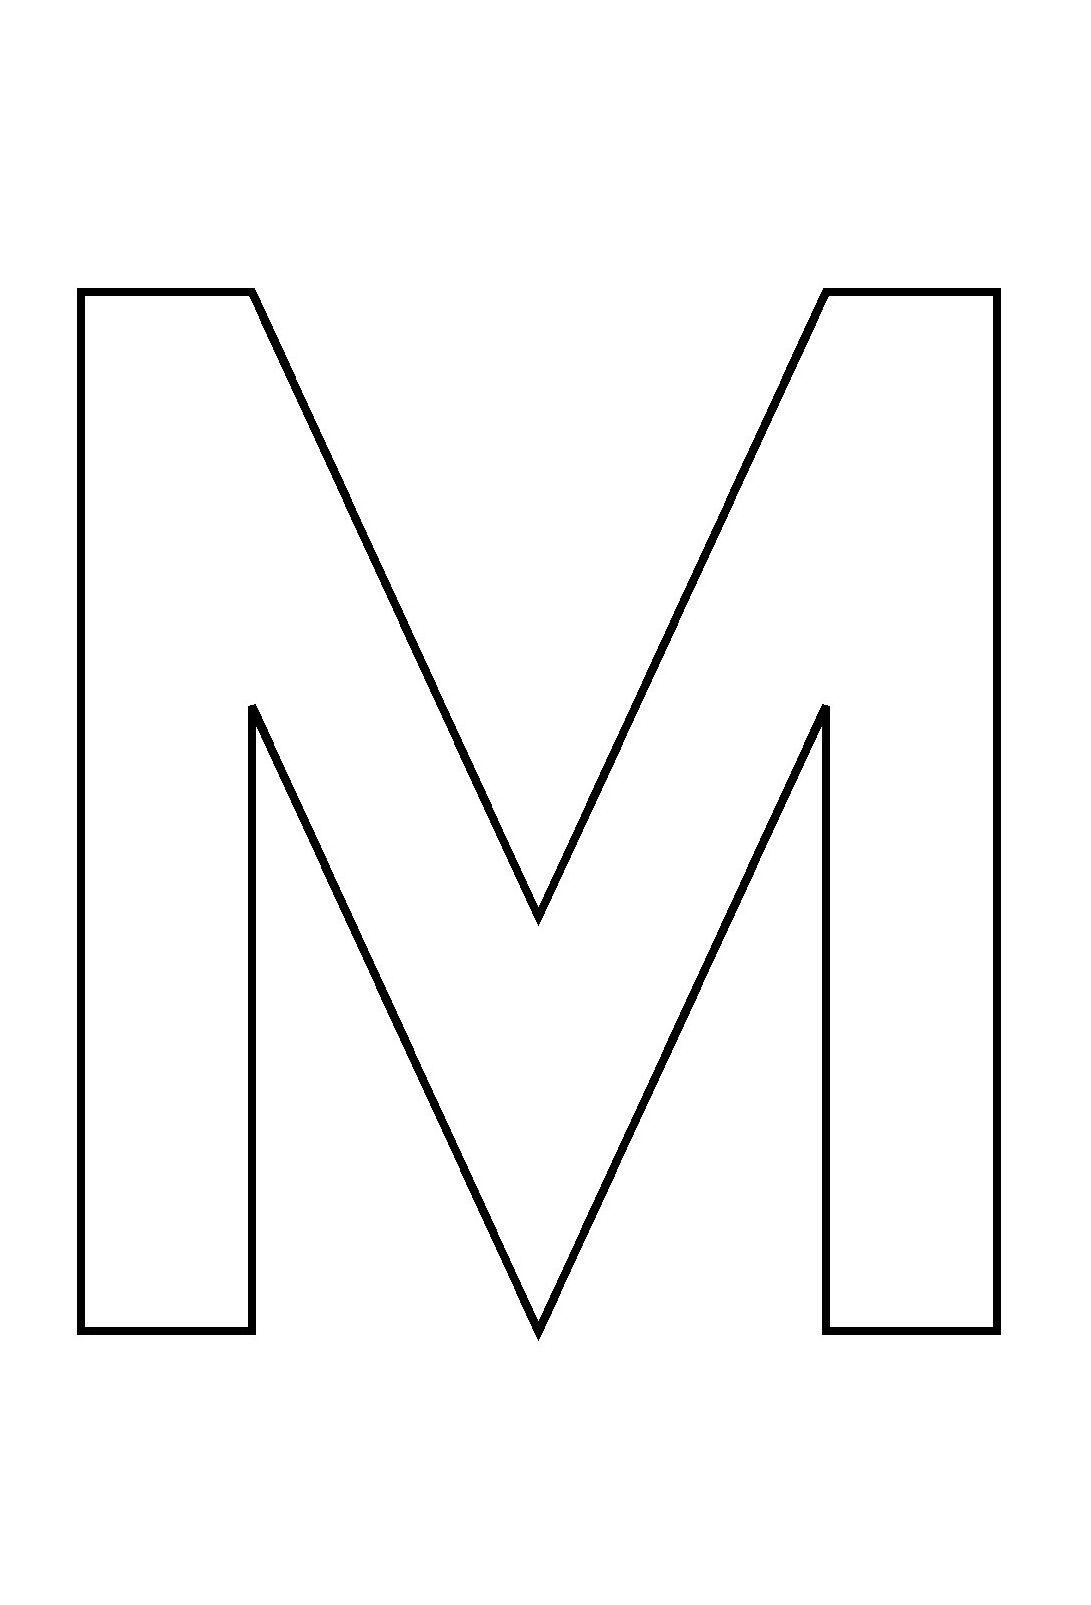 Coloriage imprimer chiffres et formes alphabet lettre l num ro 67205 ducation - Lettres a imprimer ...